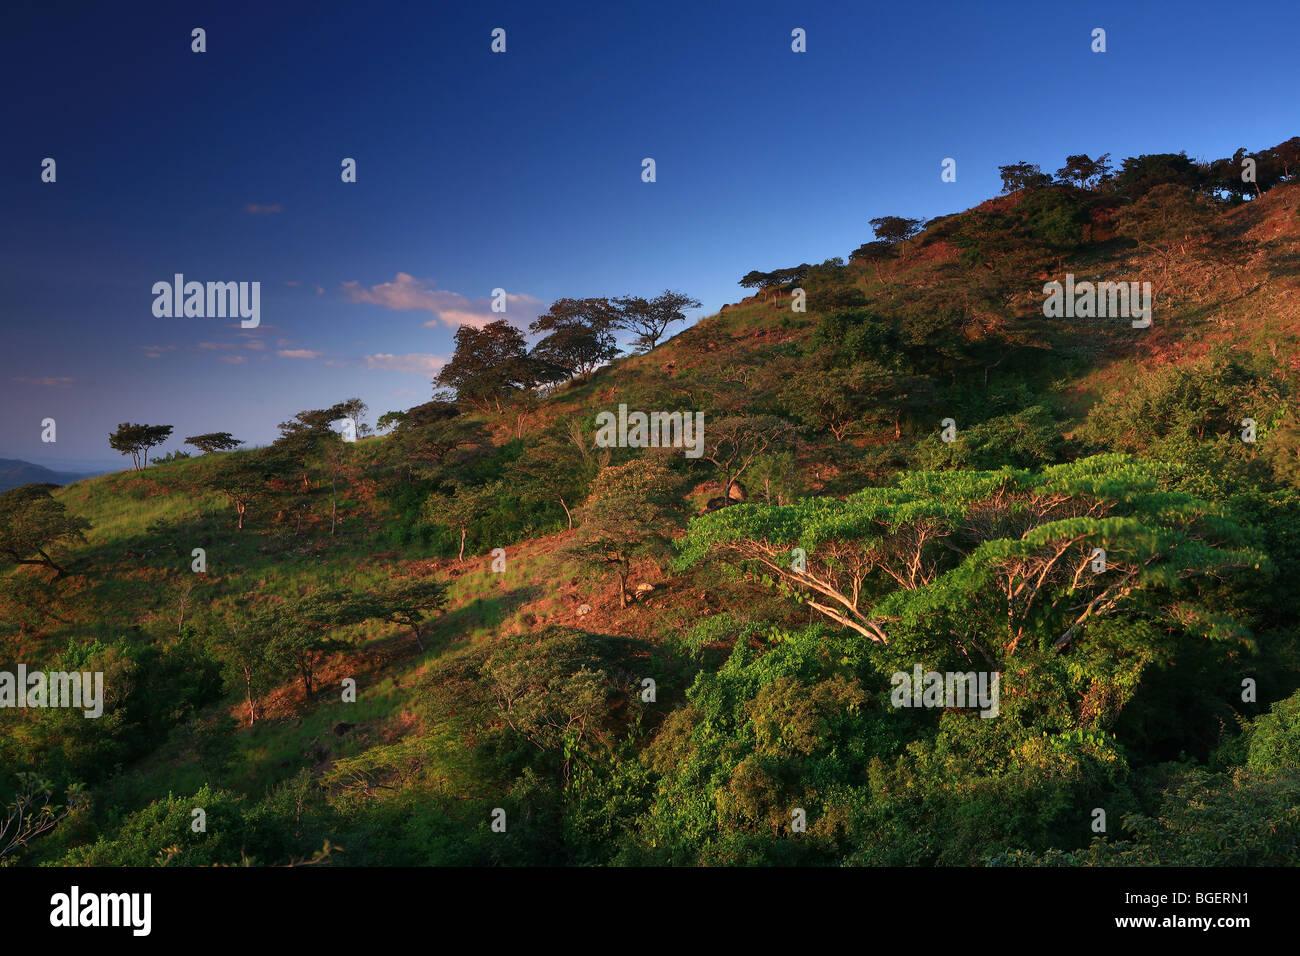 Erstes Licht auf einem Hügel oberhalb von Ola in Cocle Provinz, Republik von Panama. Stockbild